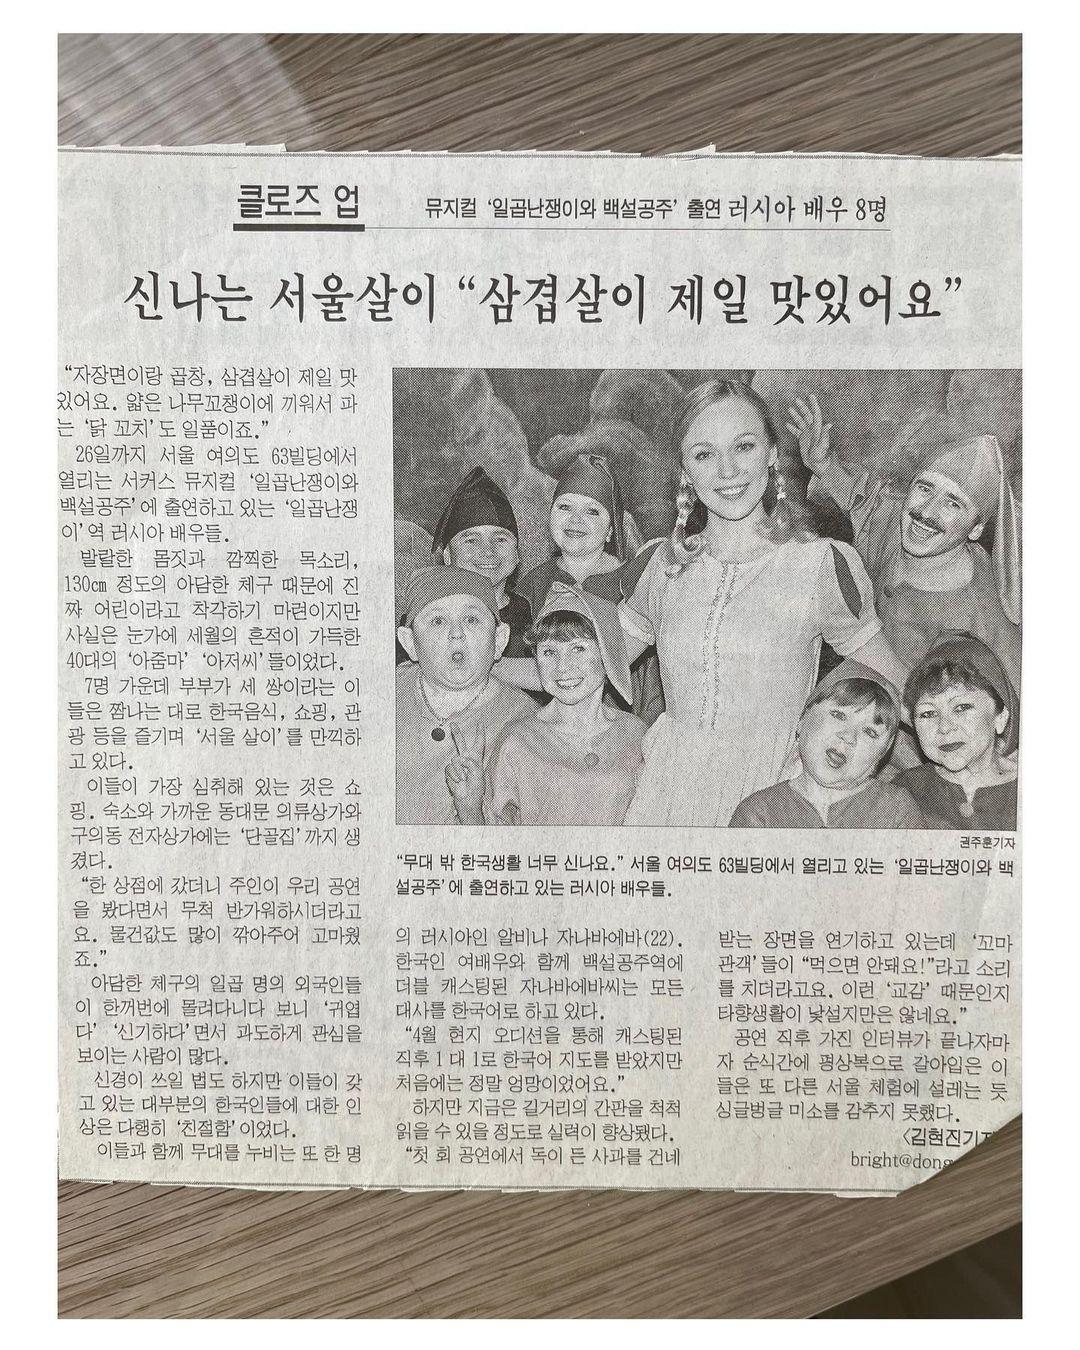 Альбина Джанабаева показала корейский ретро-журнал, где она позирует в образе Белоснежки в окружении пожилых гномов и принца, похожего на женщину